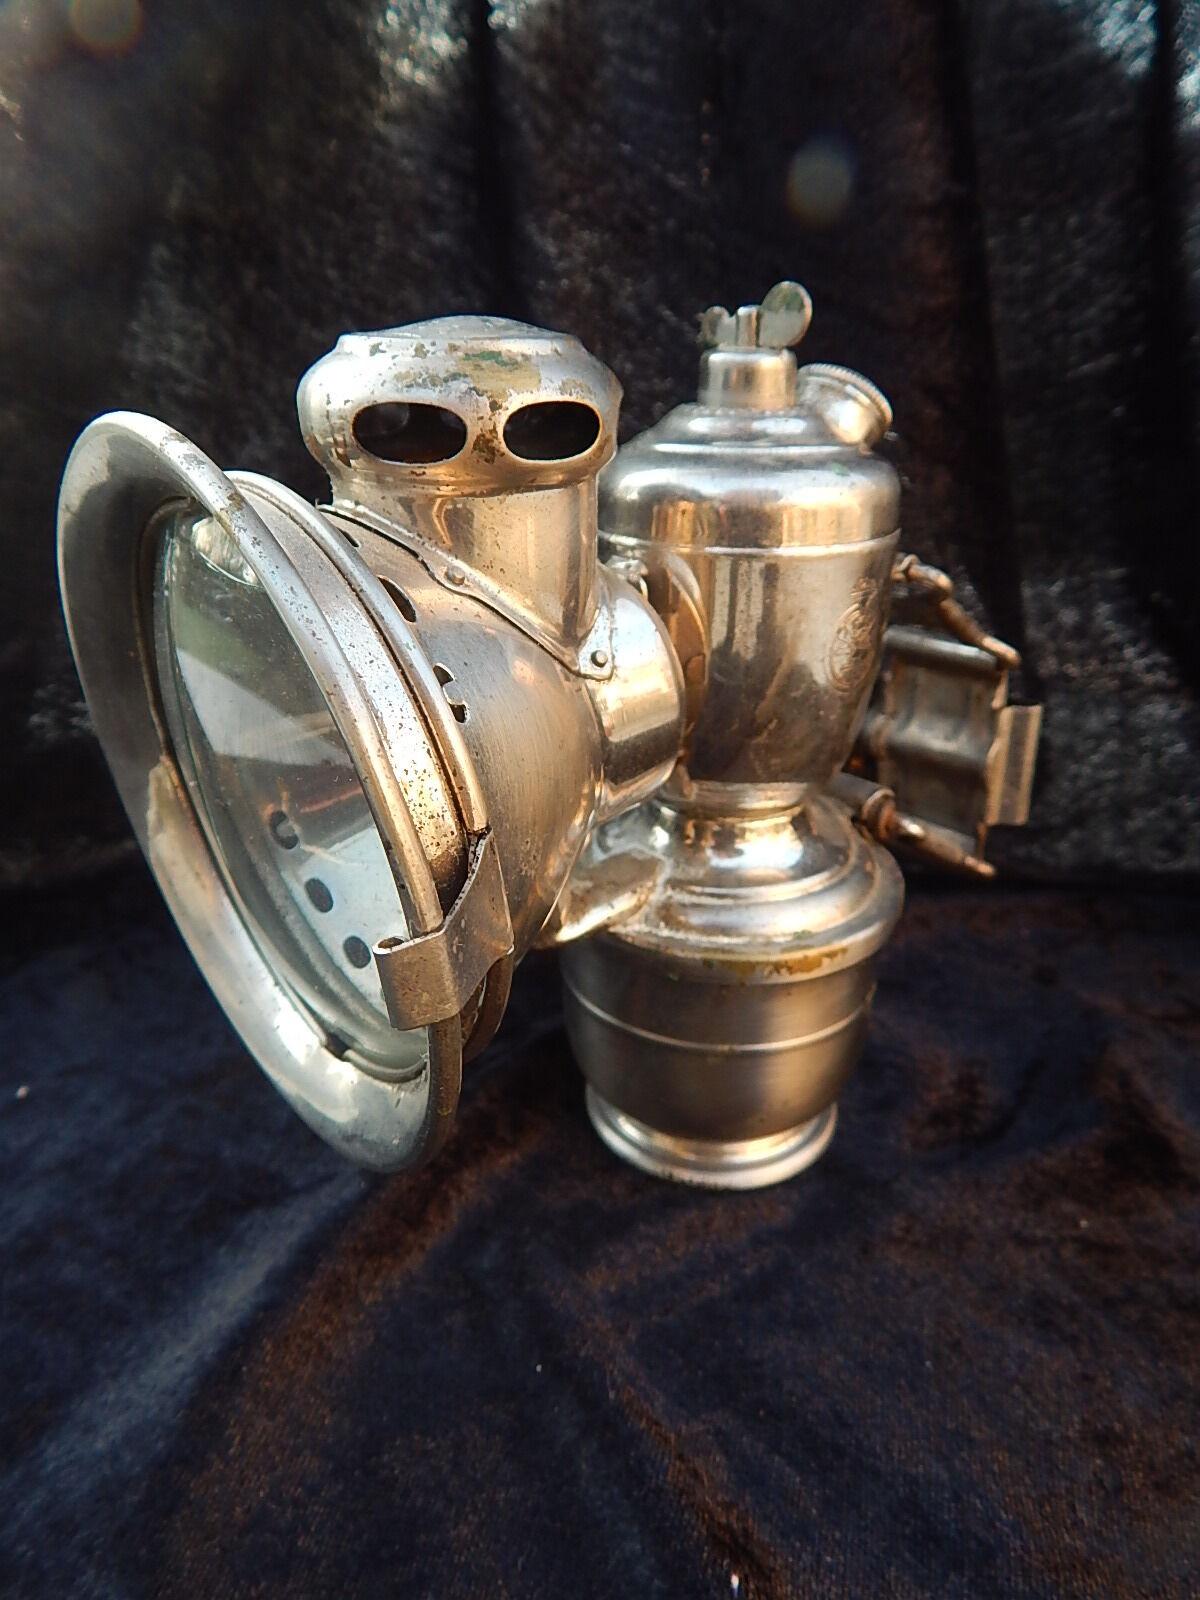 LAMPE CARBURE   Carbide lamp -  JOSEPH LUCAS - ACETA  - VELO   Bicycle